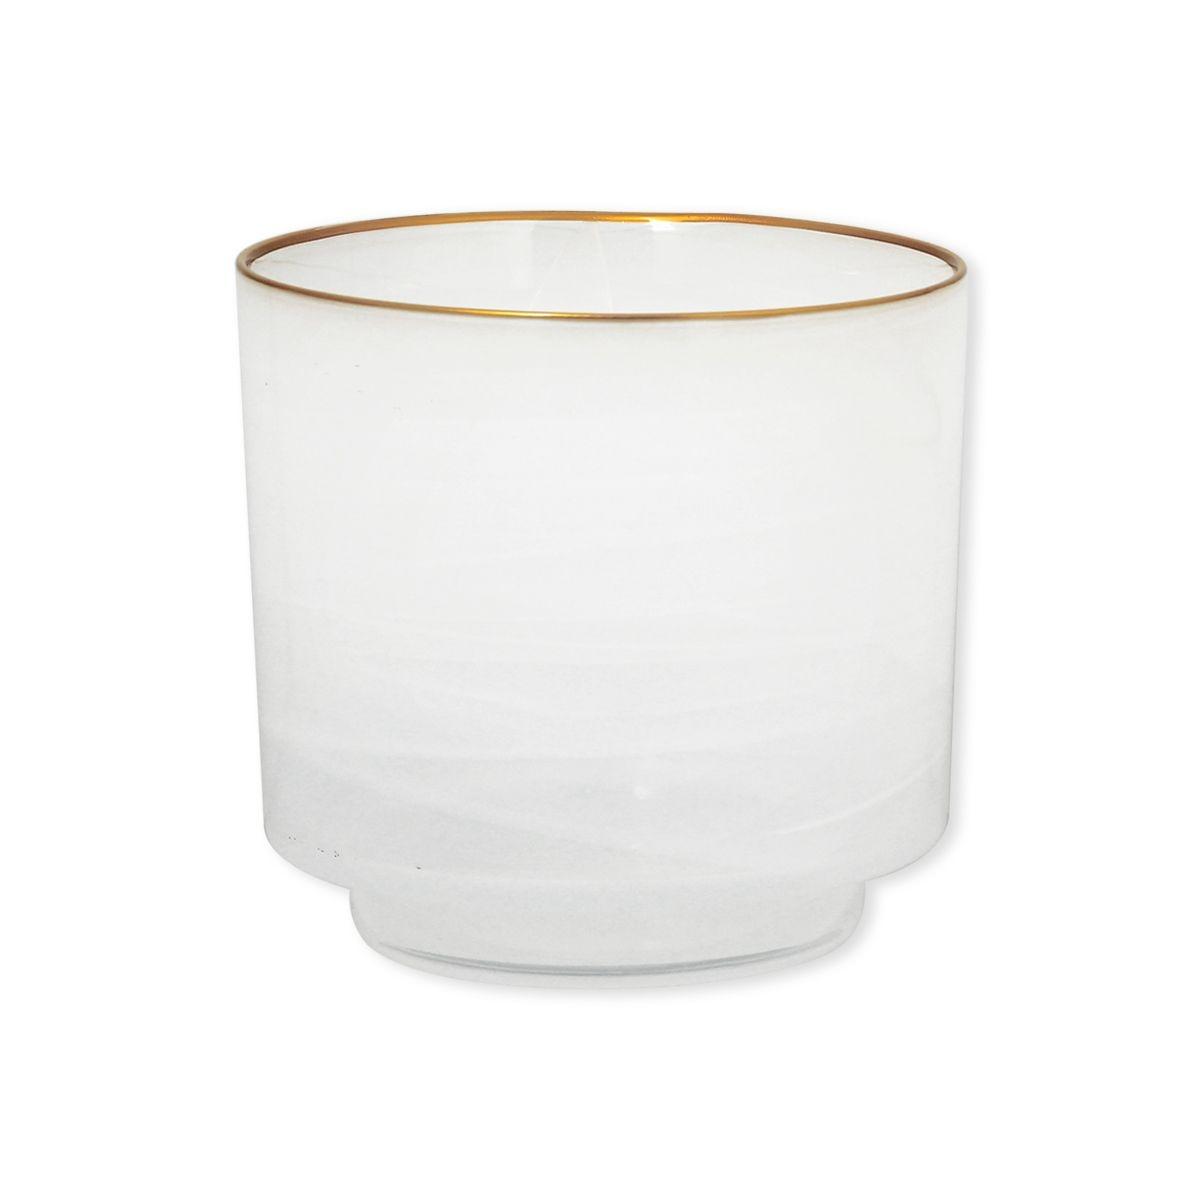 Photophore blanc en verre filet or 15cm - LORADA